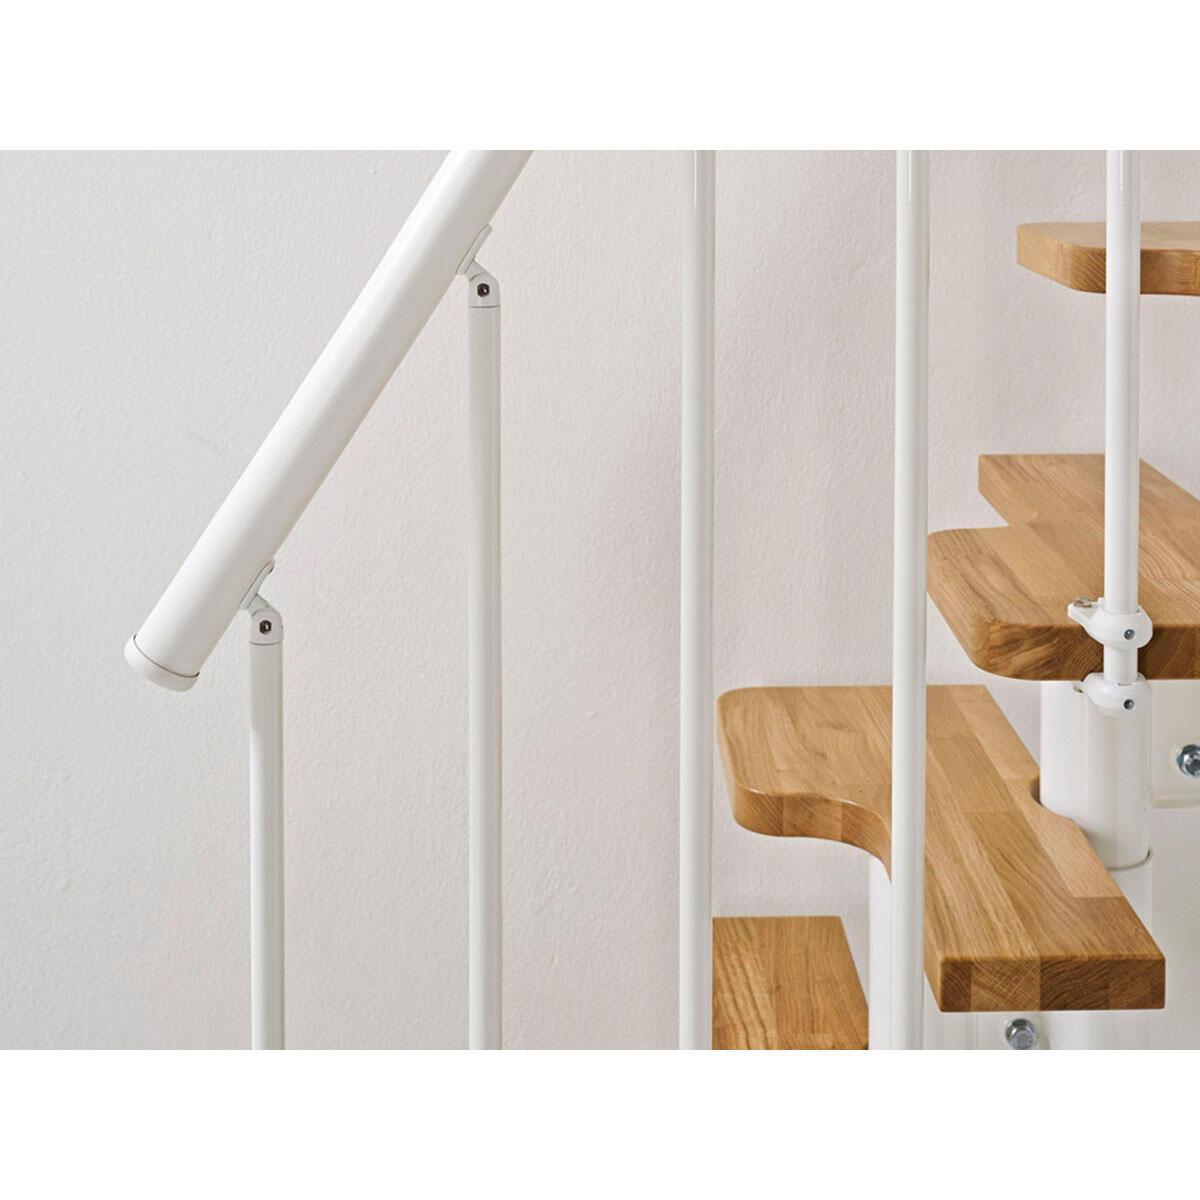 Scala salvaspazio dritto OAK30 FONTANOT L 54 cm, gradino rovere, struttura bianco - 6